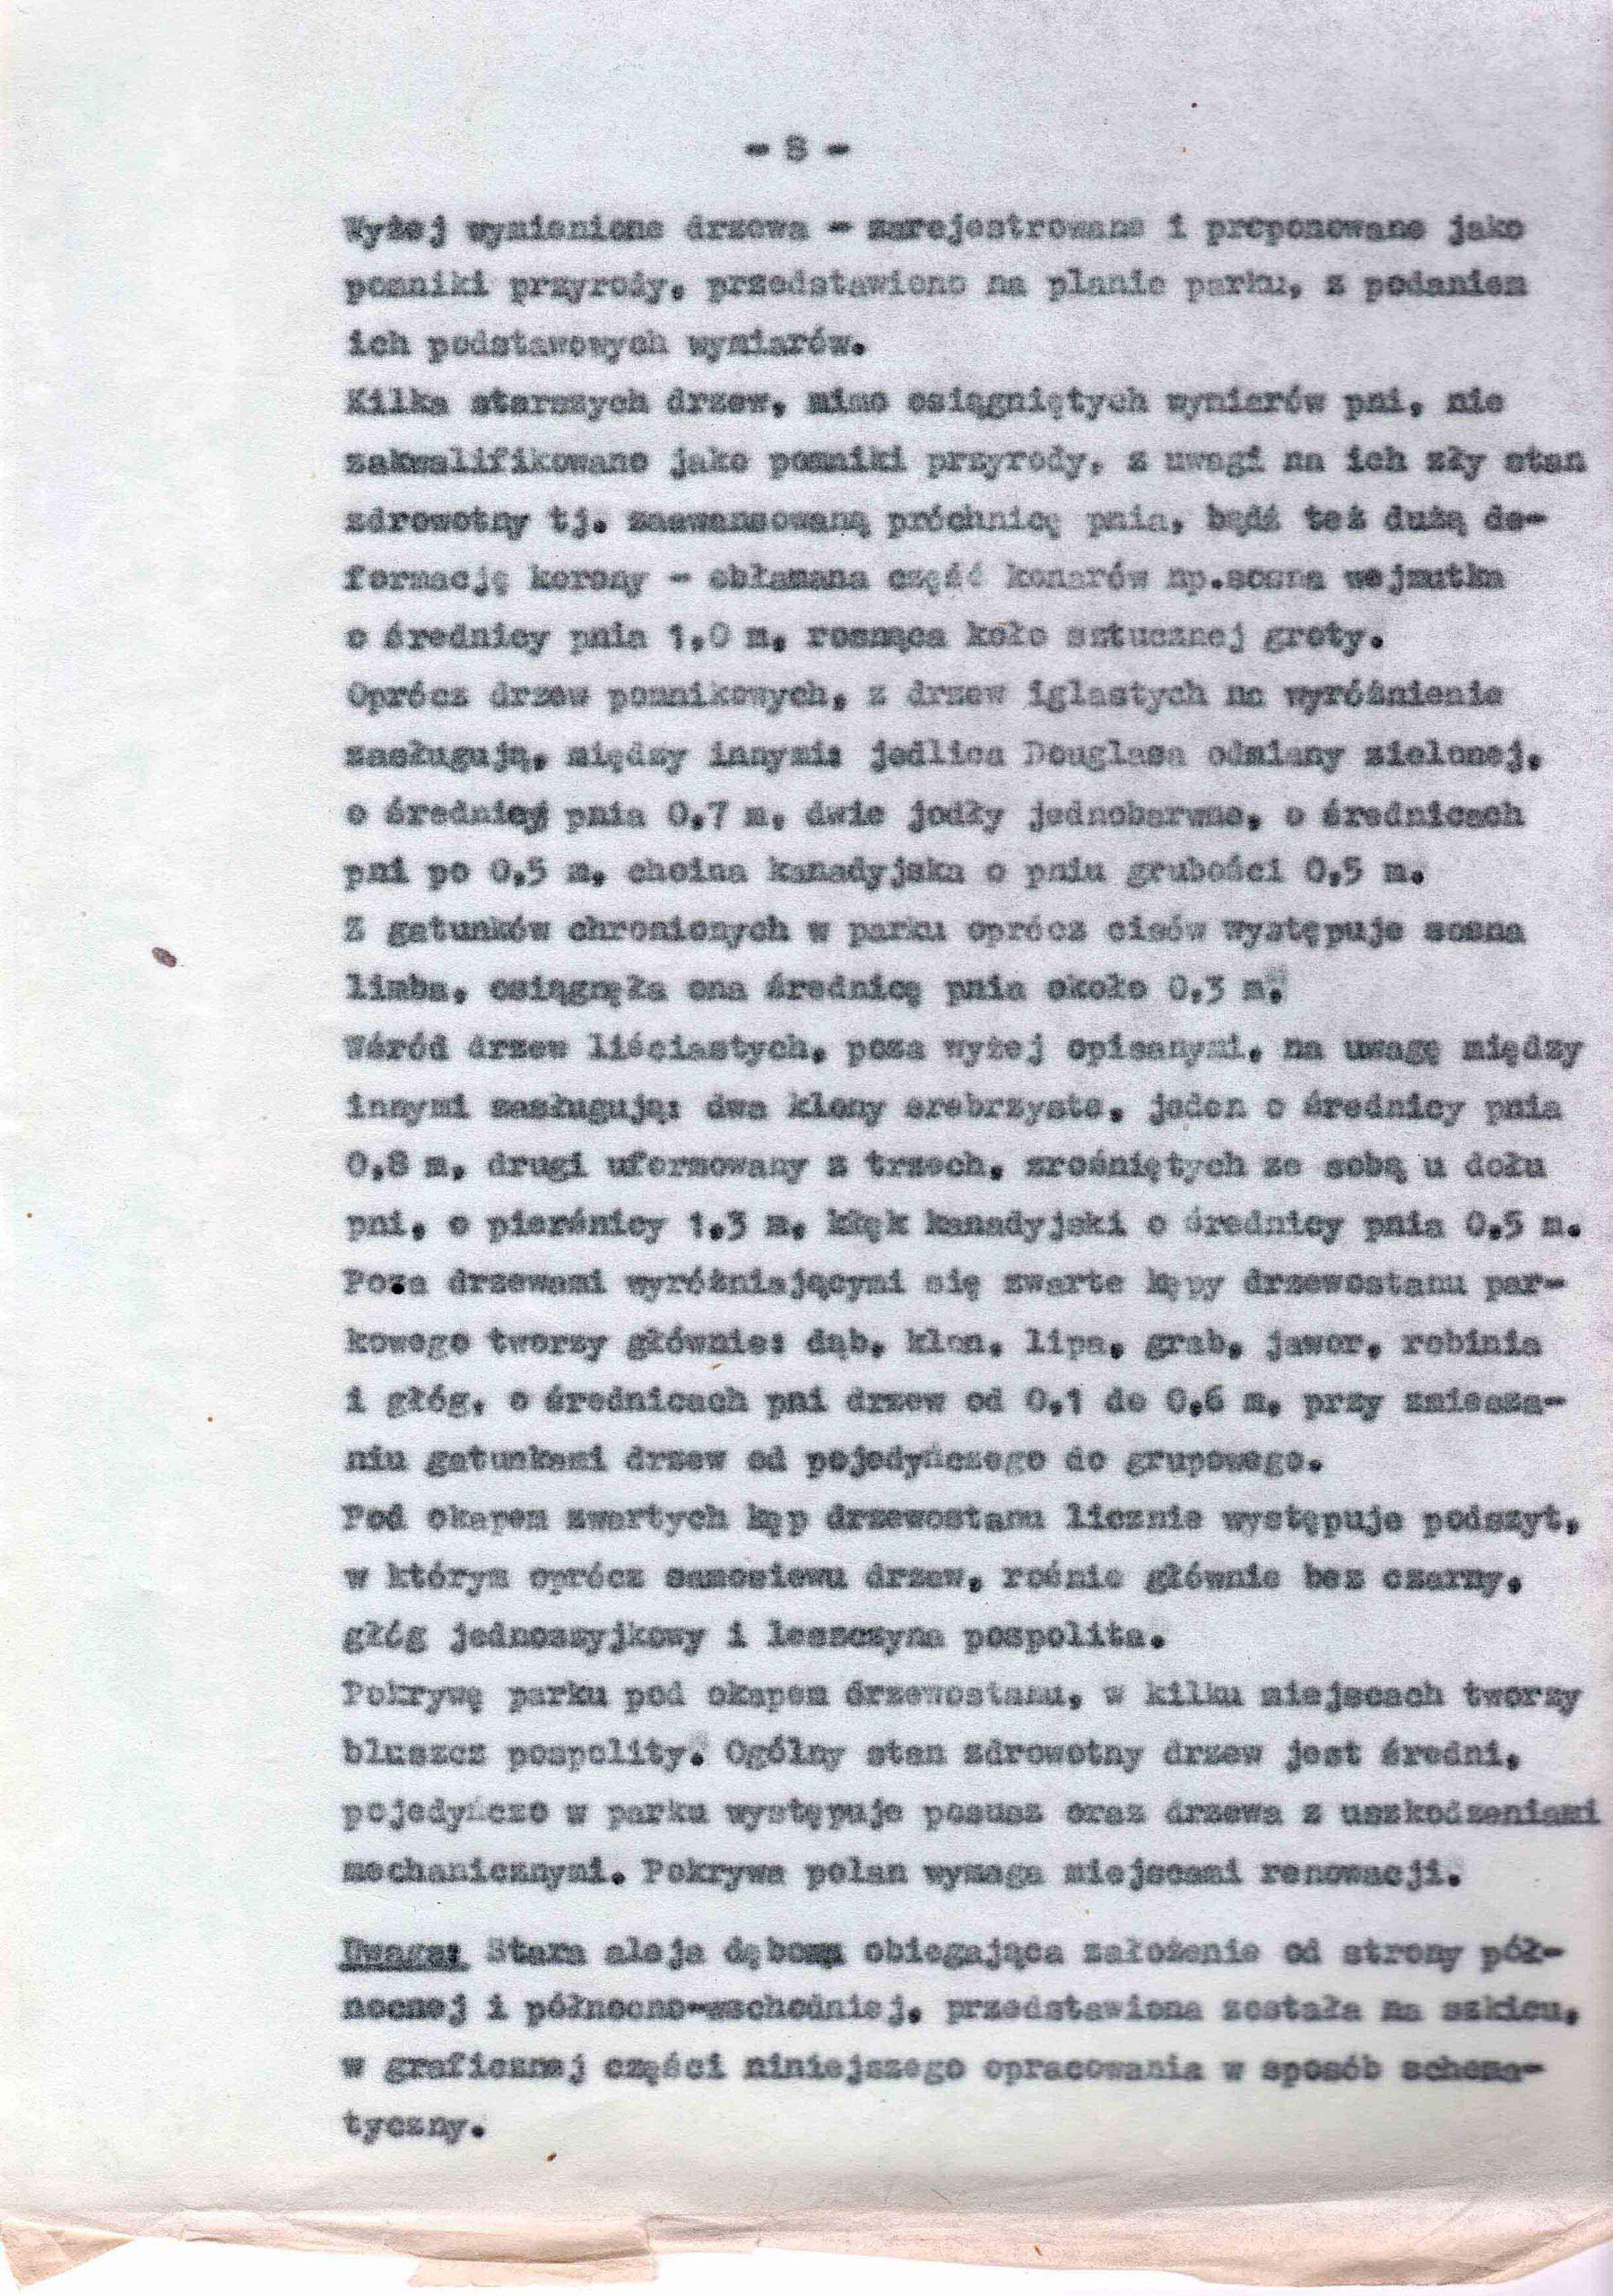 Ewidencja założenia ogrodowo-parkowego 1987 dokument (12)